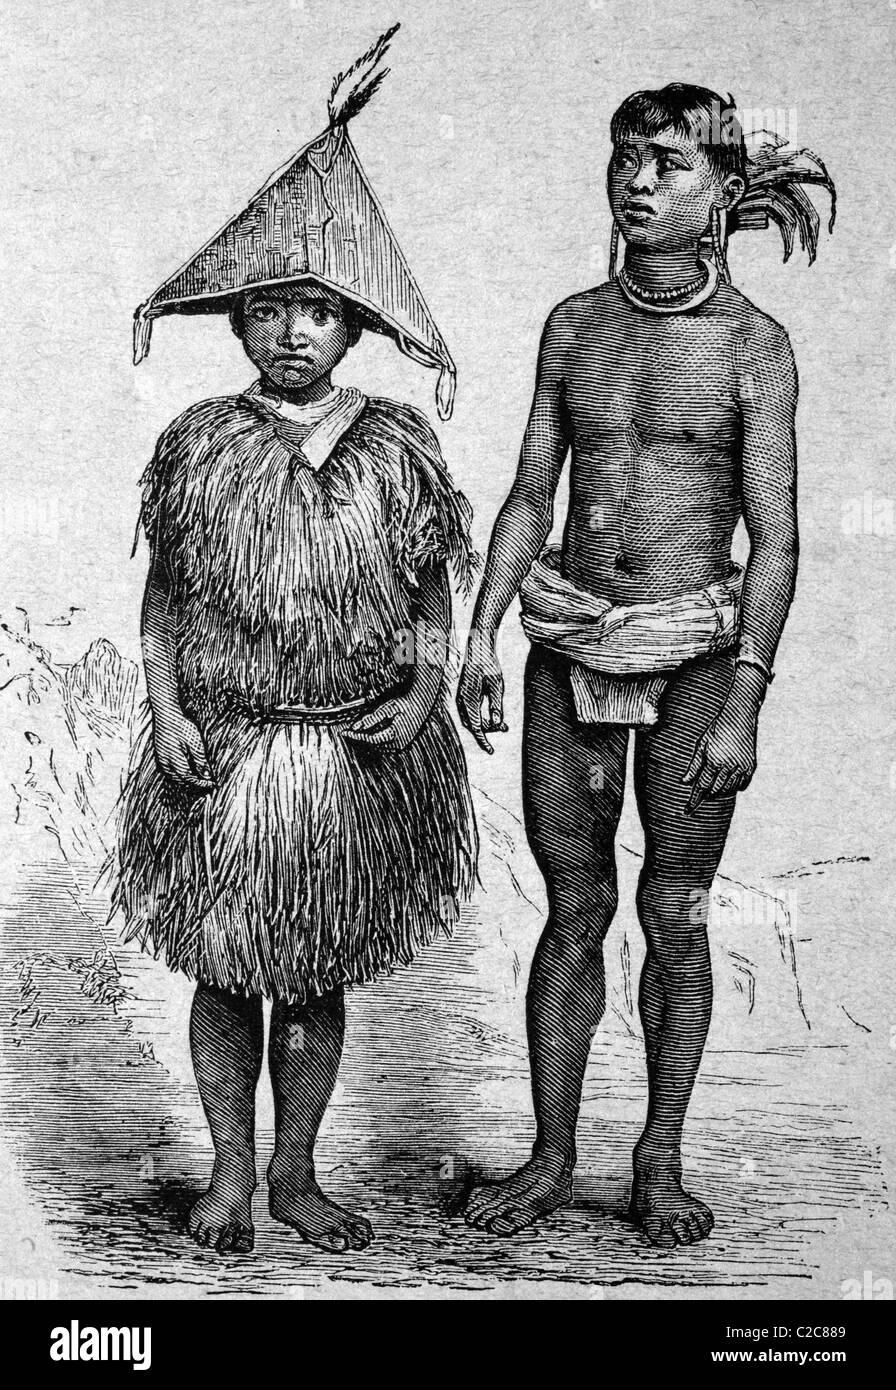 Nativi delle isole Pagi, Est Indiano Arcipelago, illustrazione storico, circa 1886 Immagini Stock